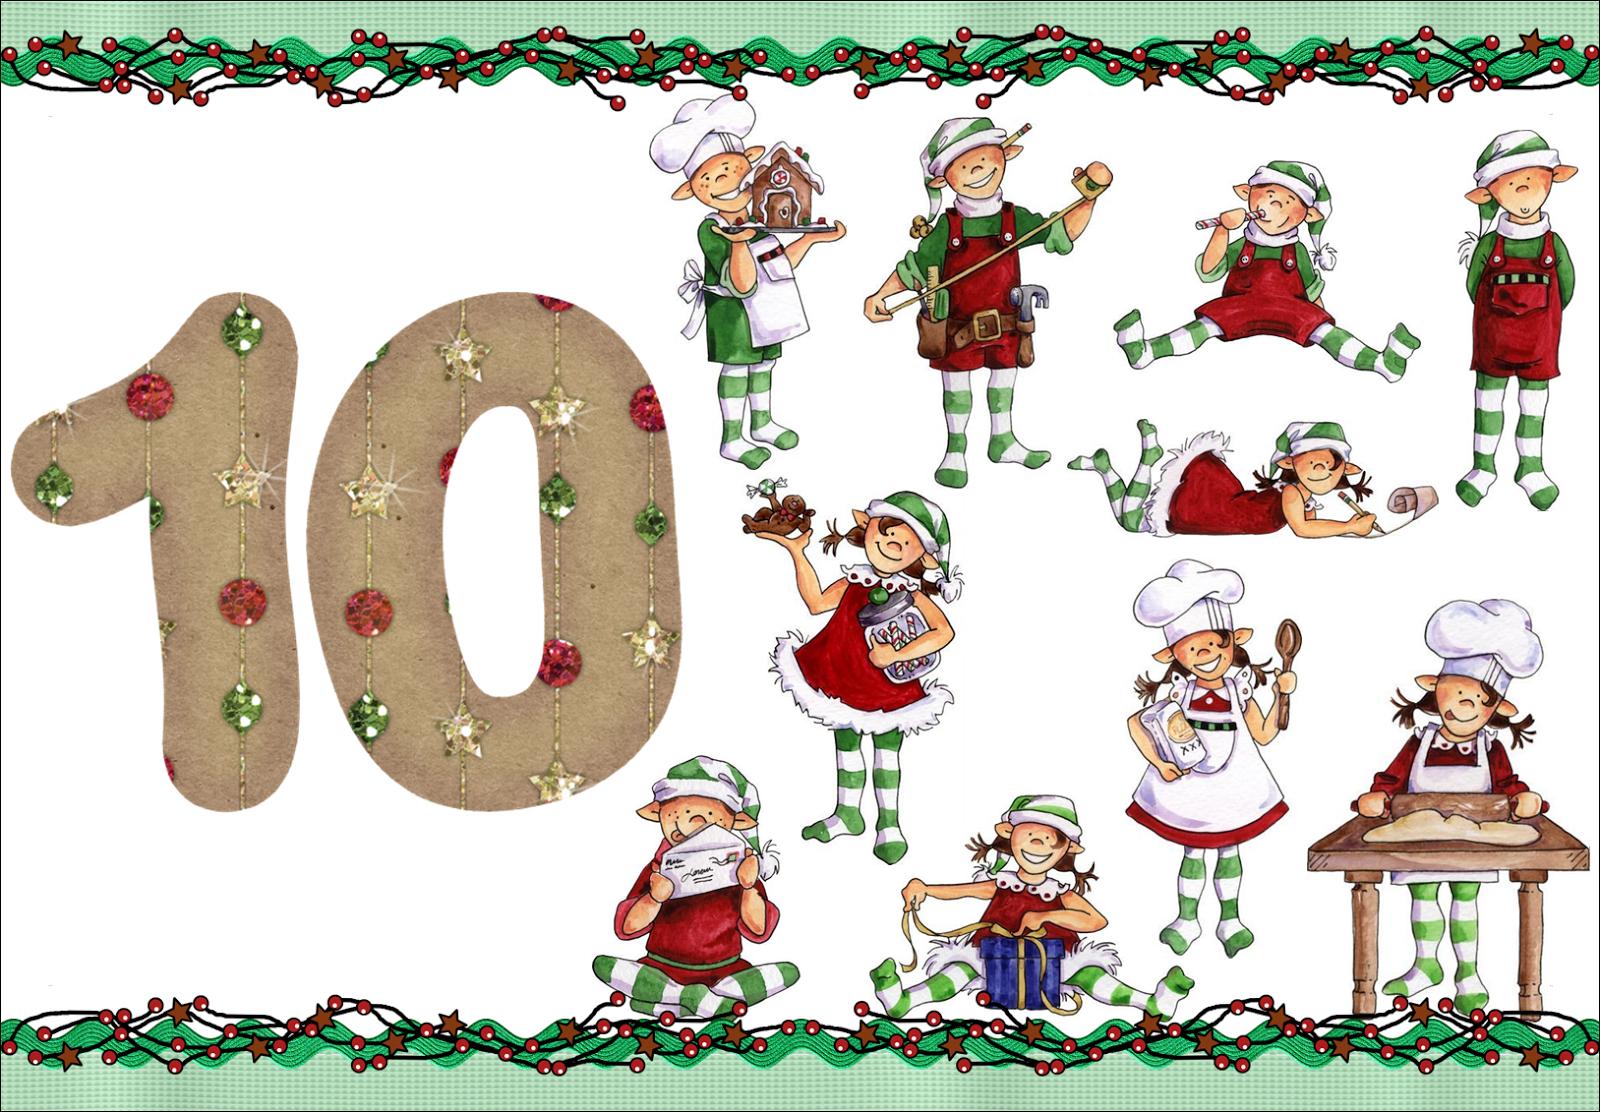 Qu hacemos hoy en el cole n meros navidad carteles y - Murales decorativos de navidad ...